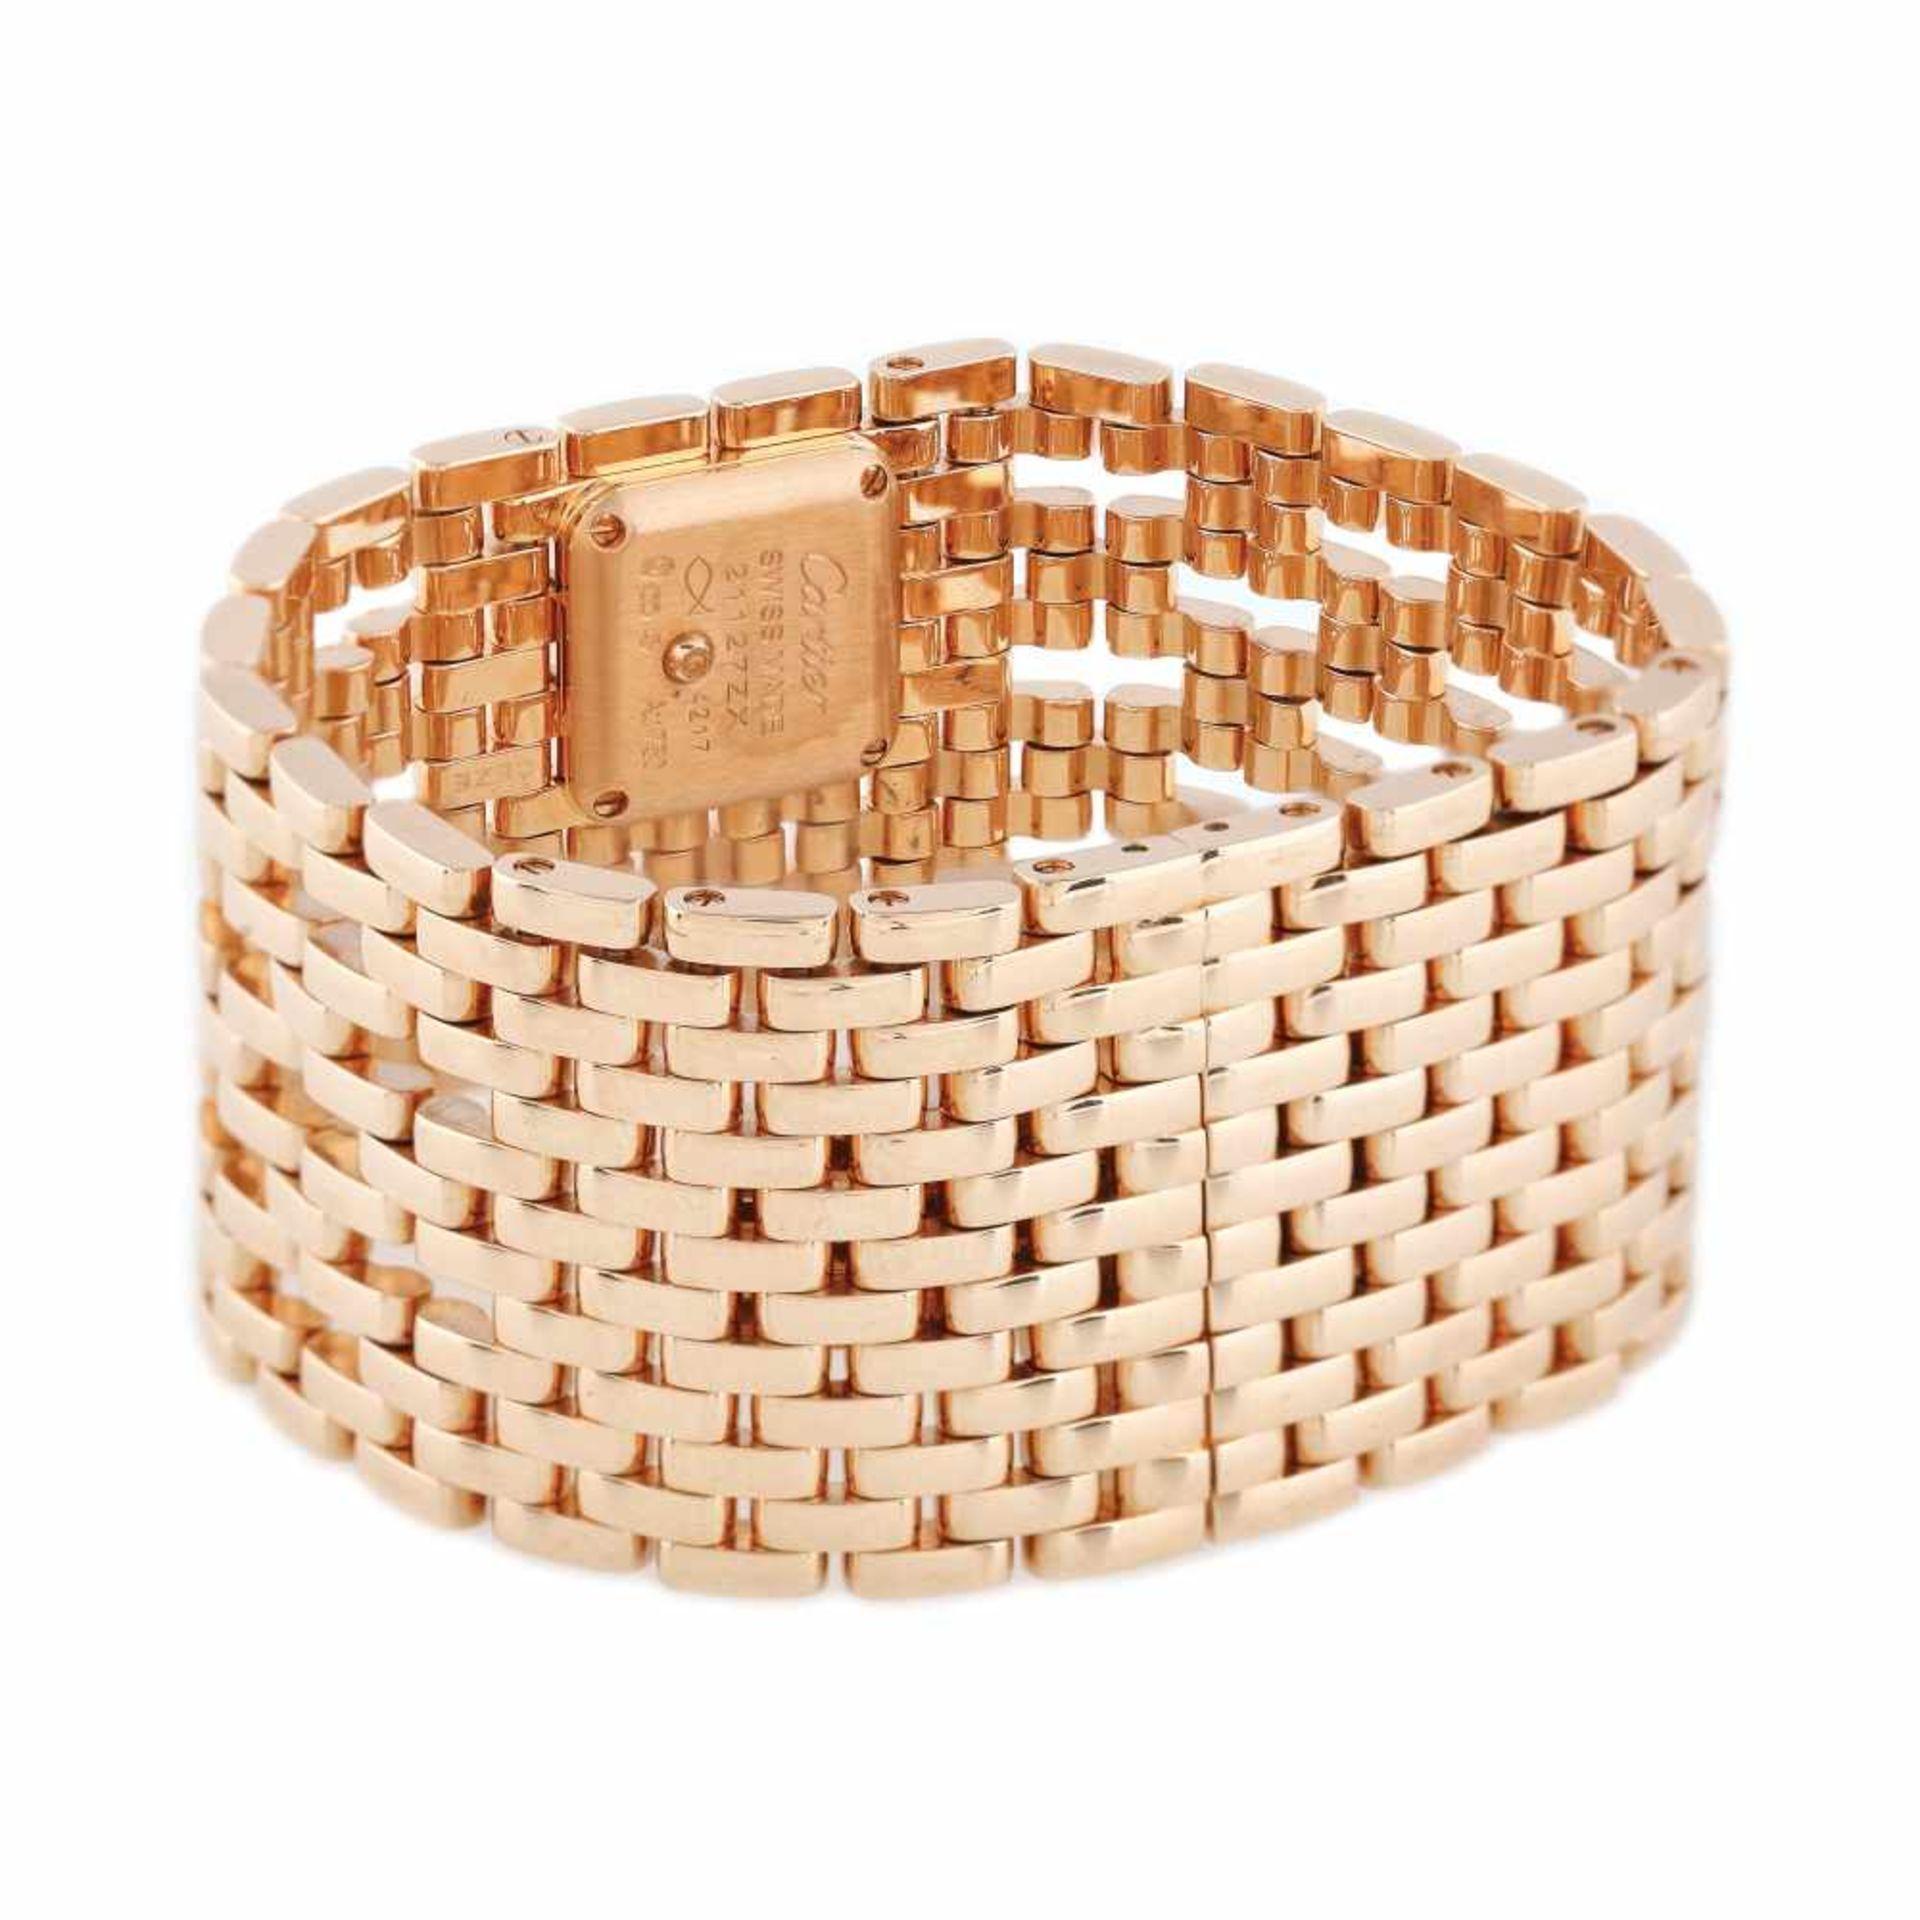 Panthère de Cartier Manchette bracelet watch, rare, gold, women, decorated with diamonds, provenanc - Bild 5 aus 6